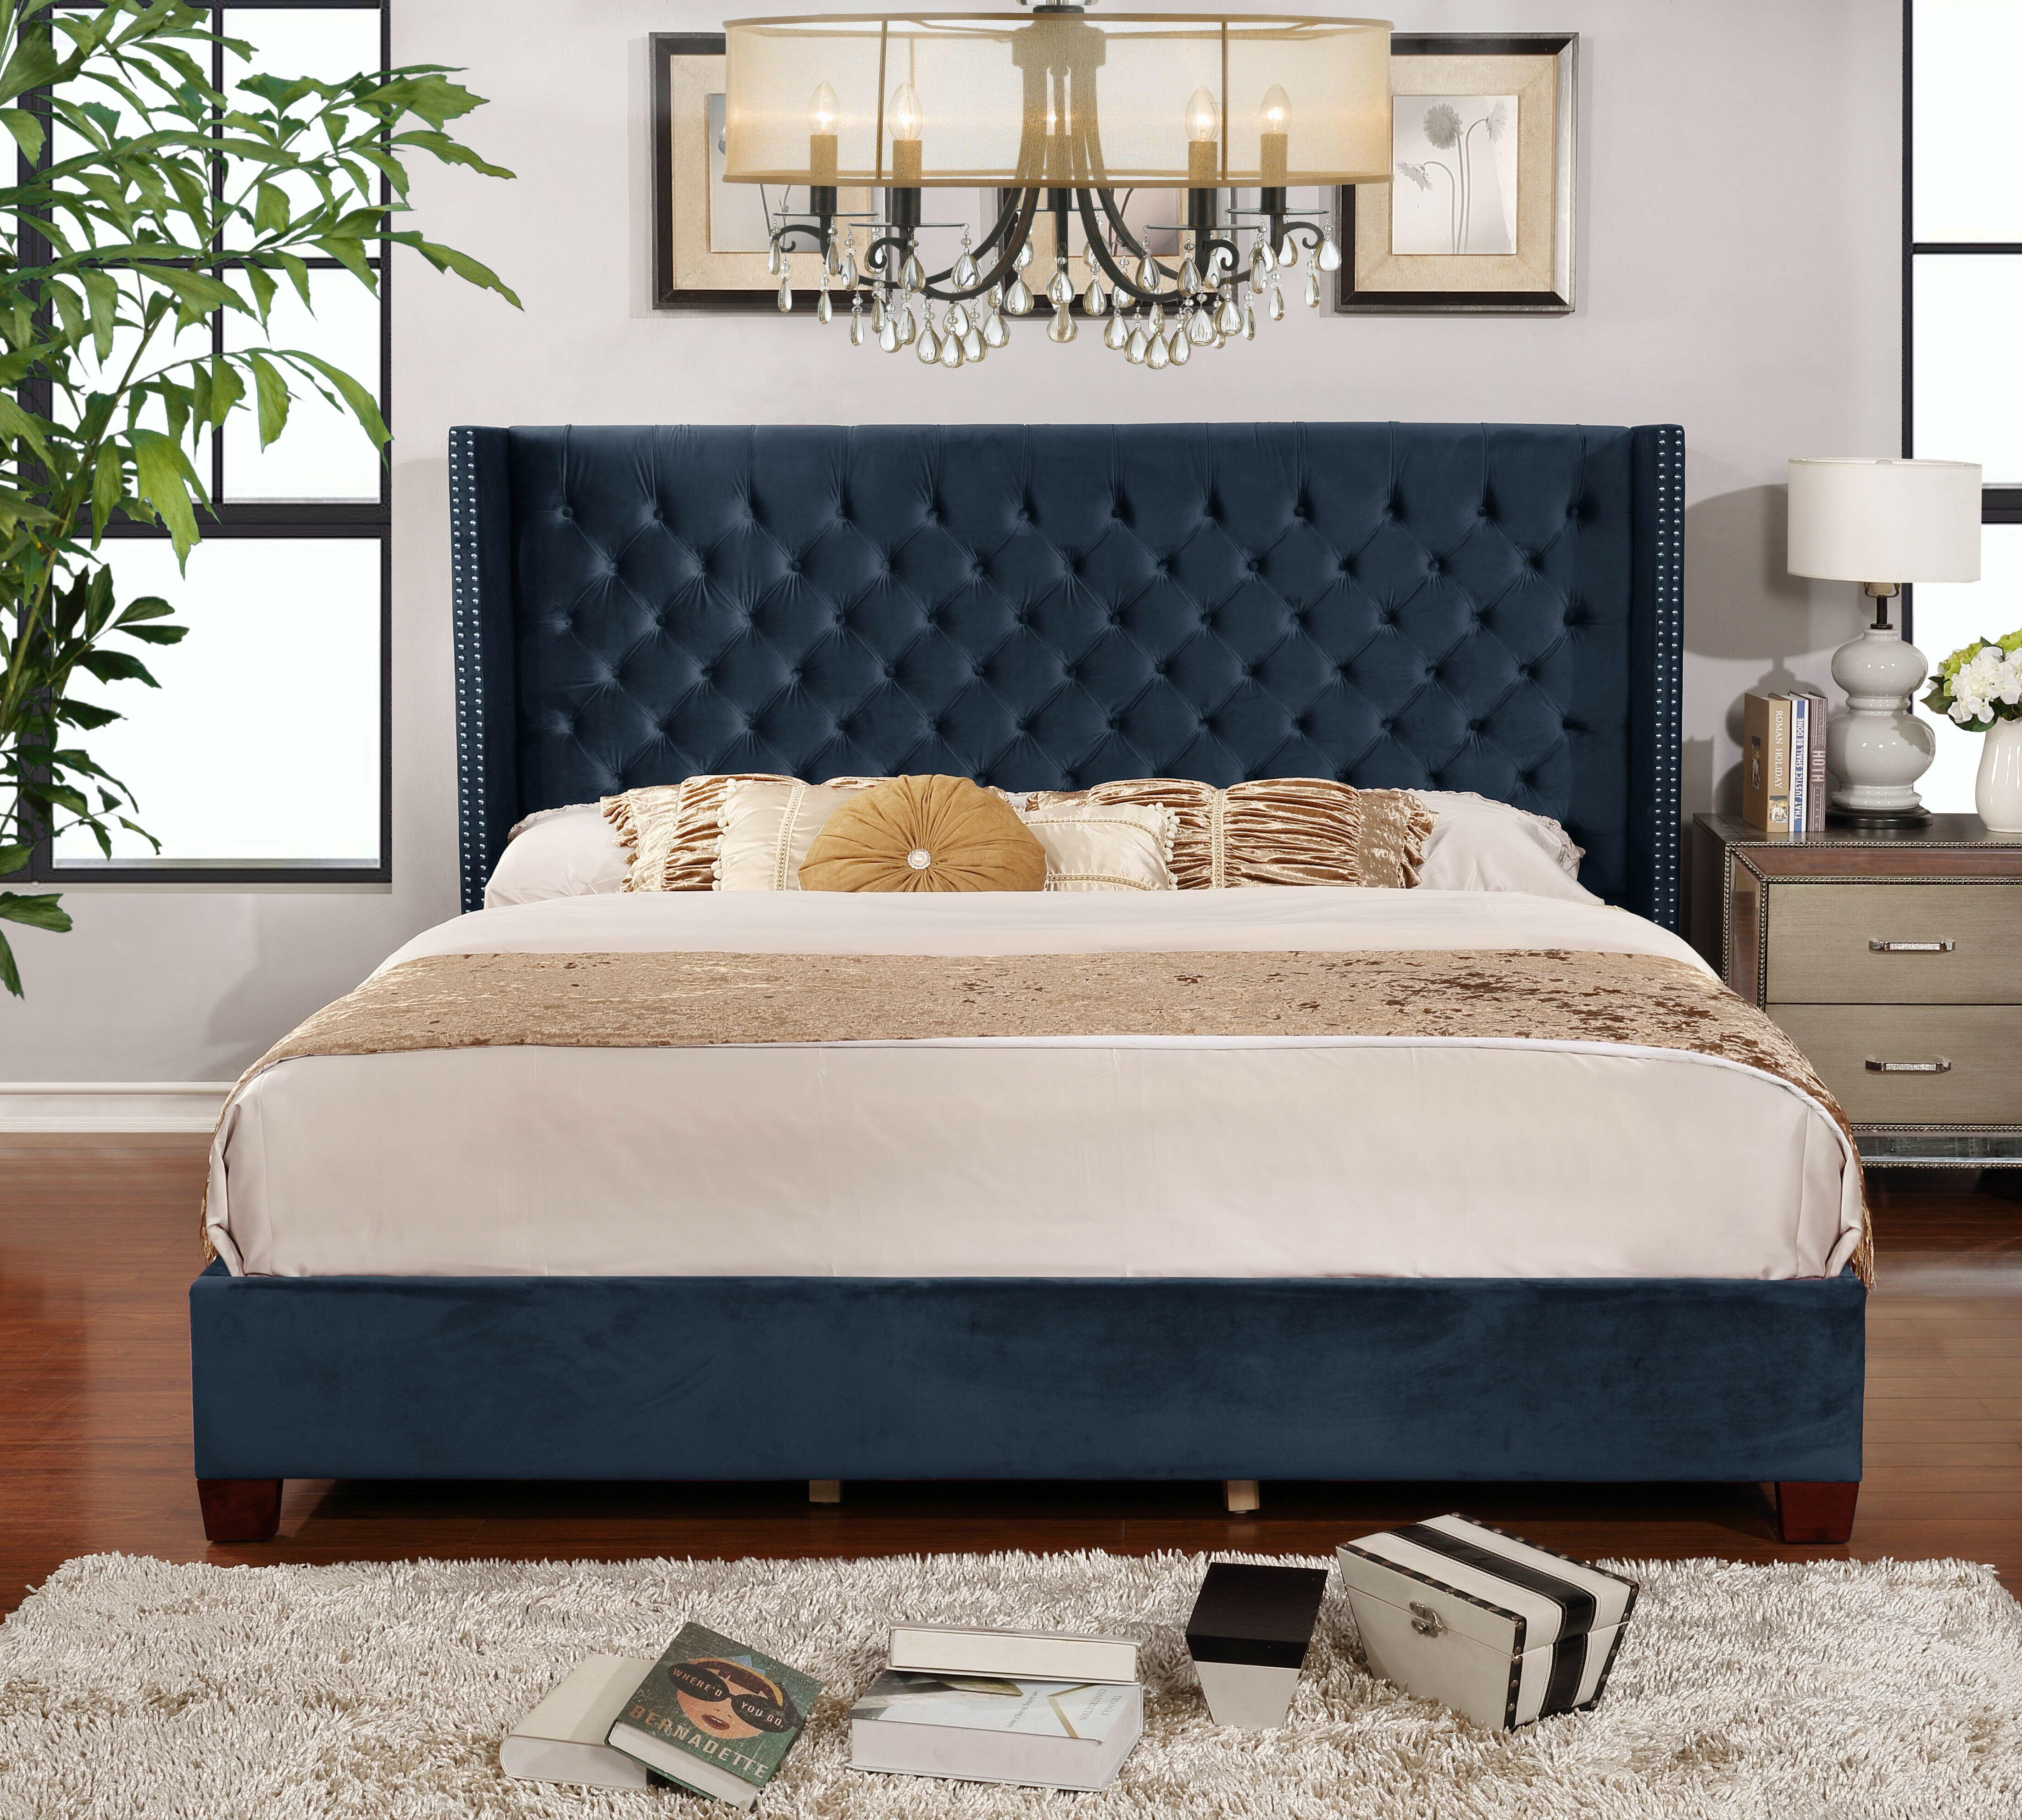 Picture of: Mercer41 Grijalva Upholstered Platform Bed Reviews